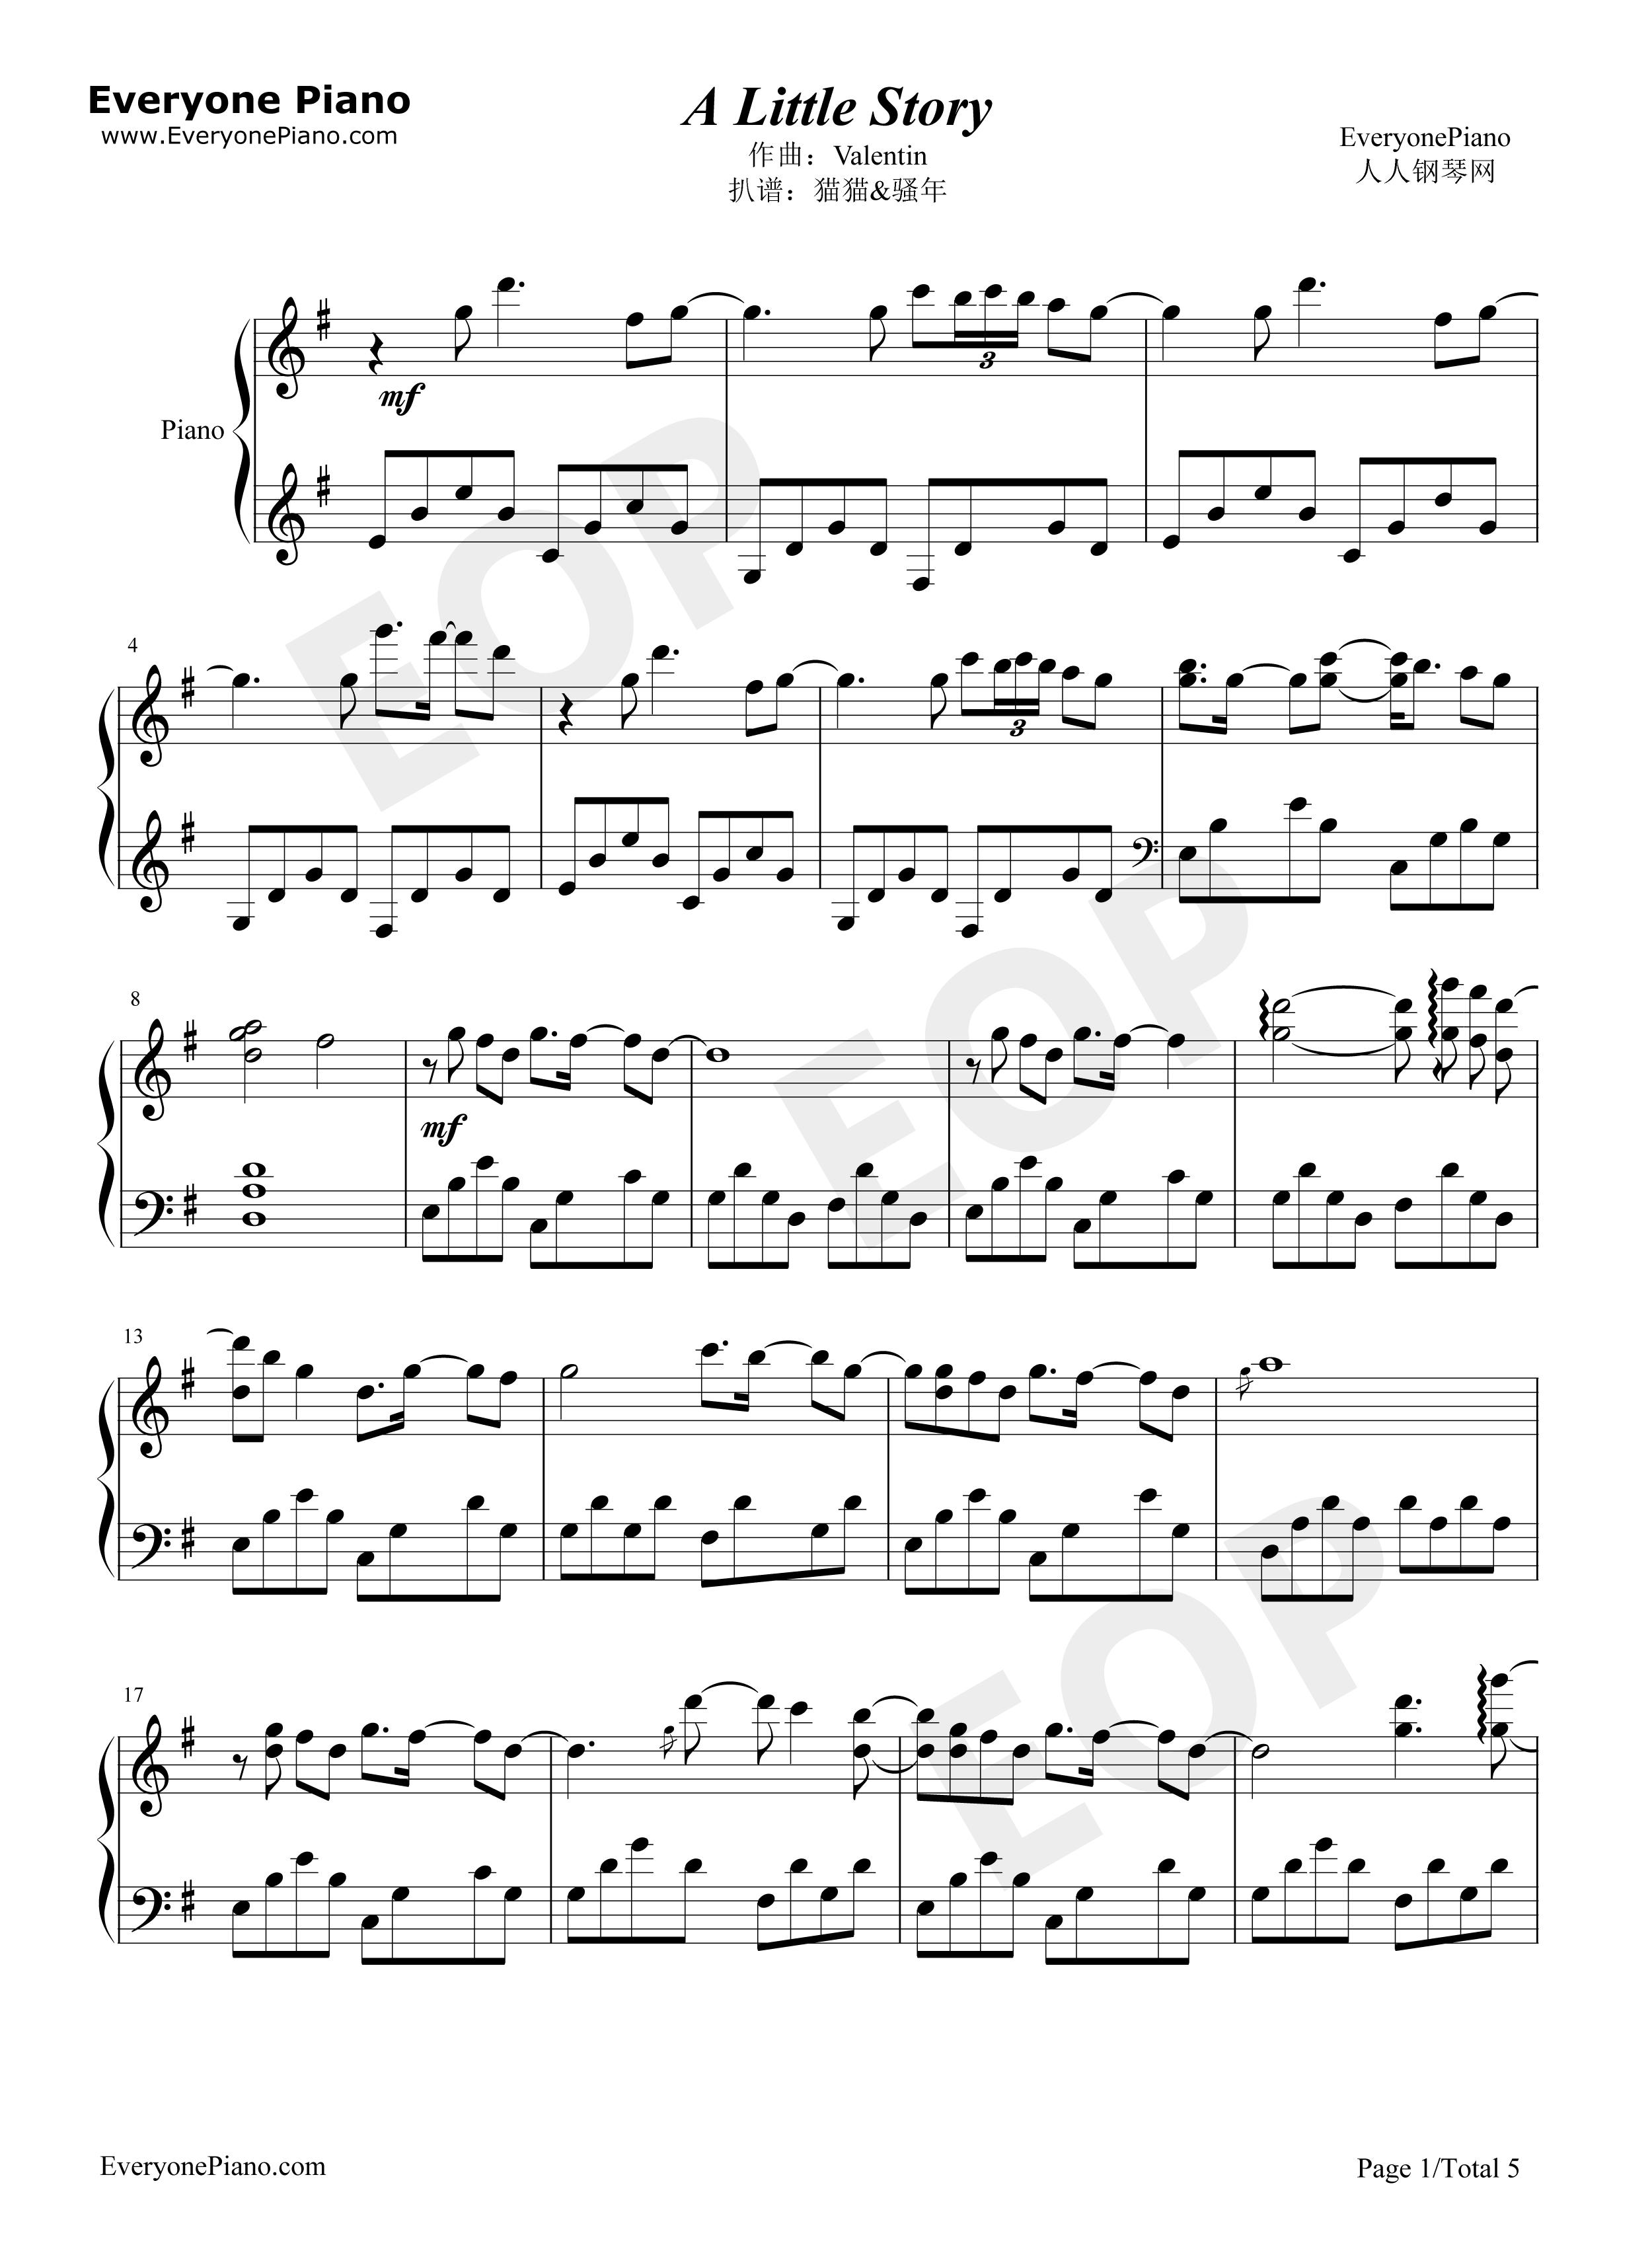 钢琴曲轻音乐谱-A Little Story - Valentin五线谱预览